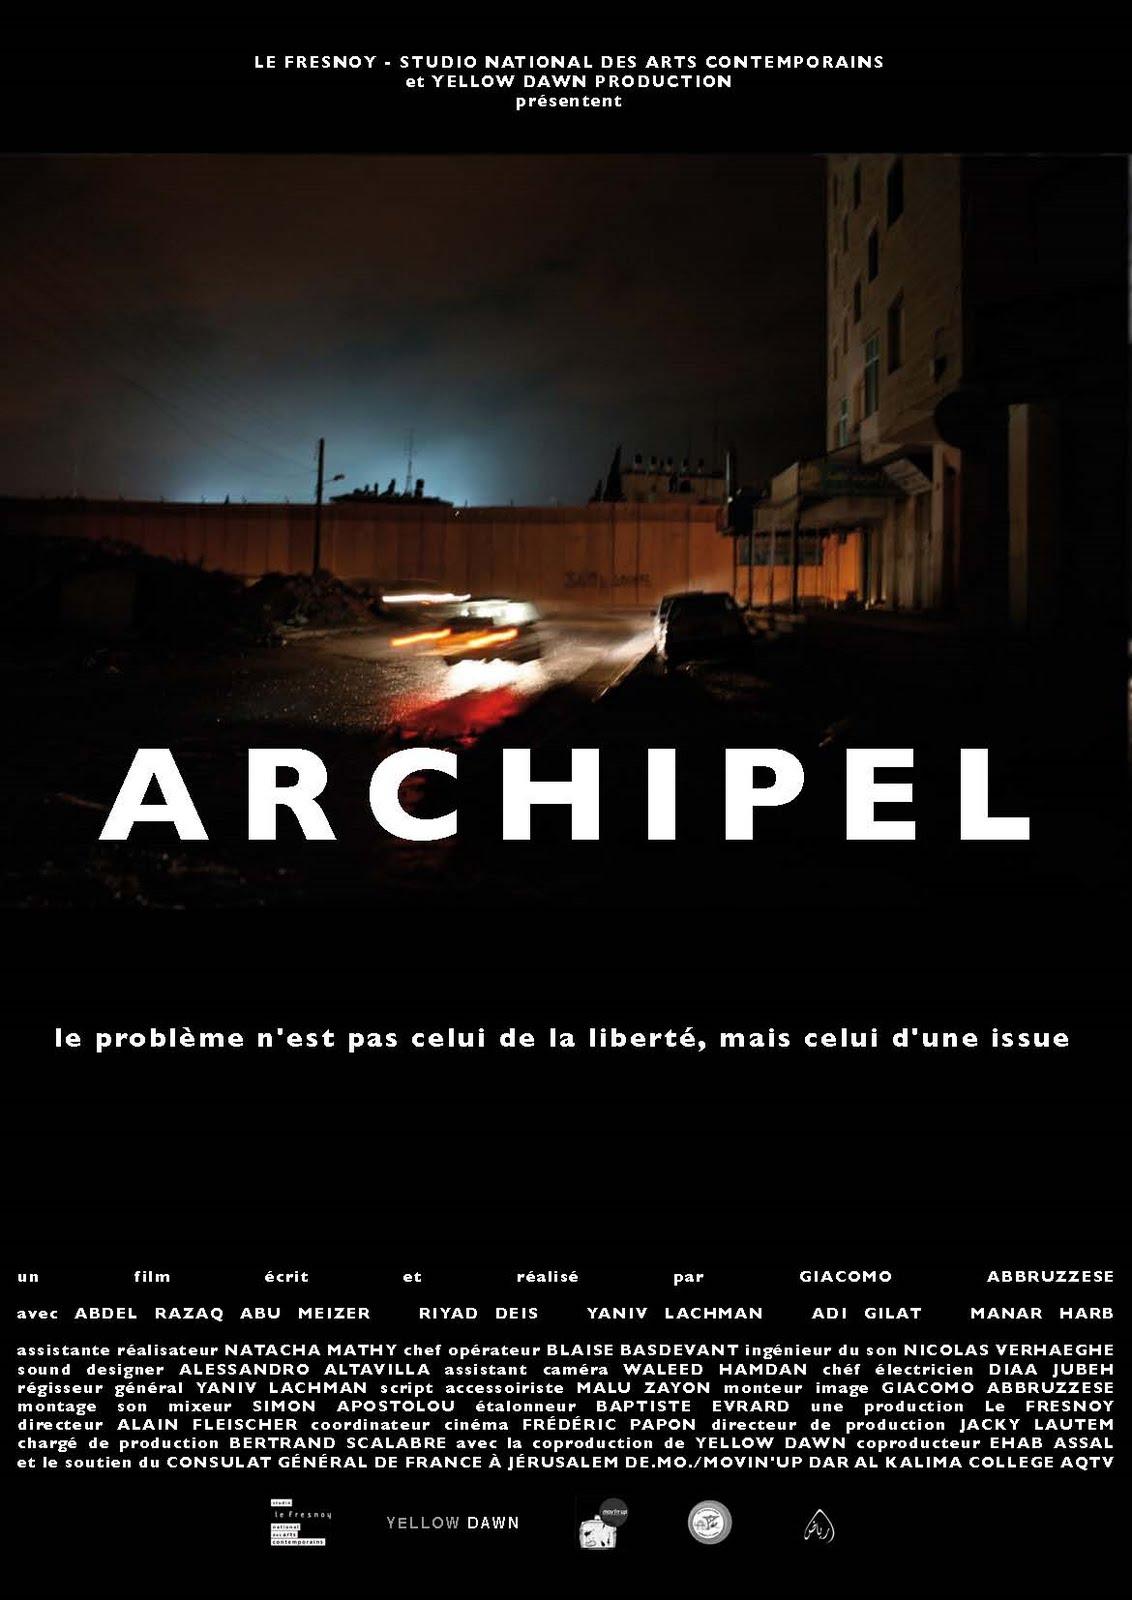 Archipel (2010)